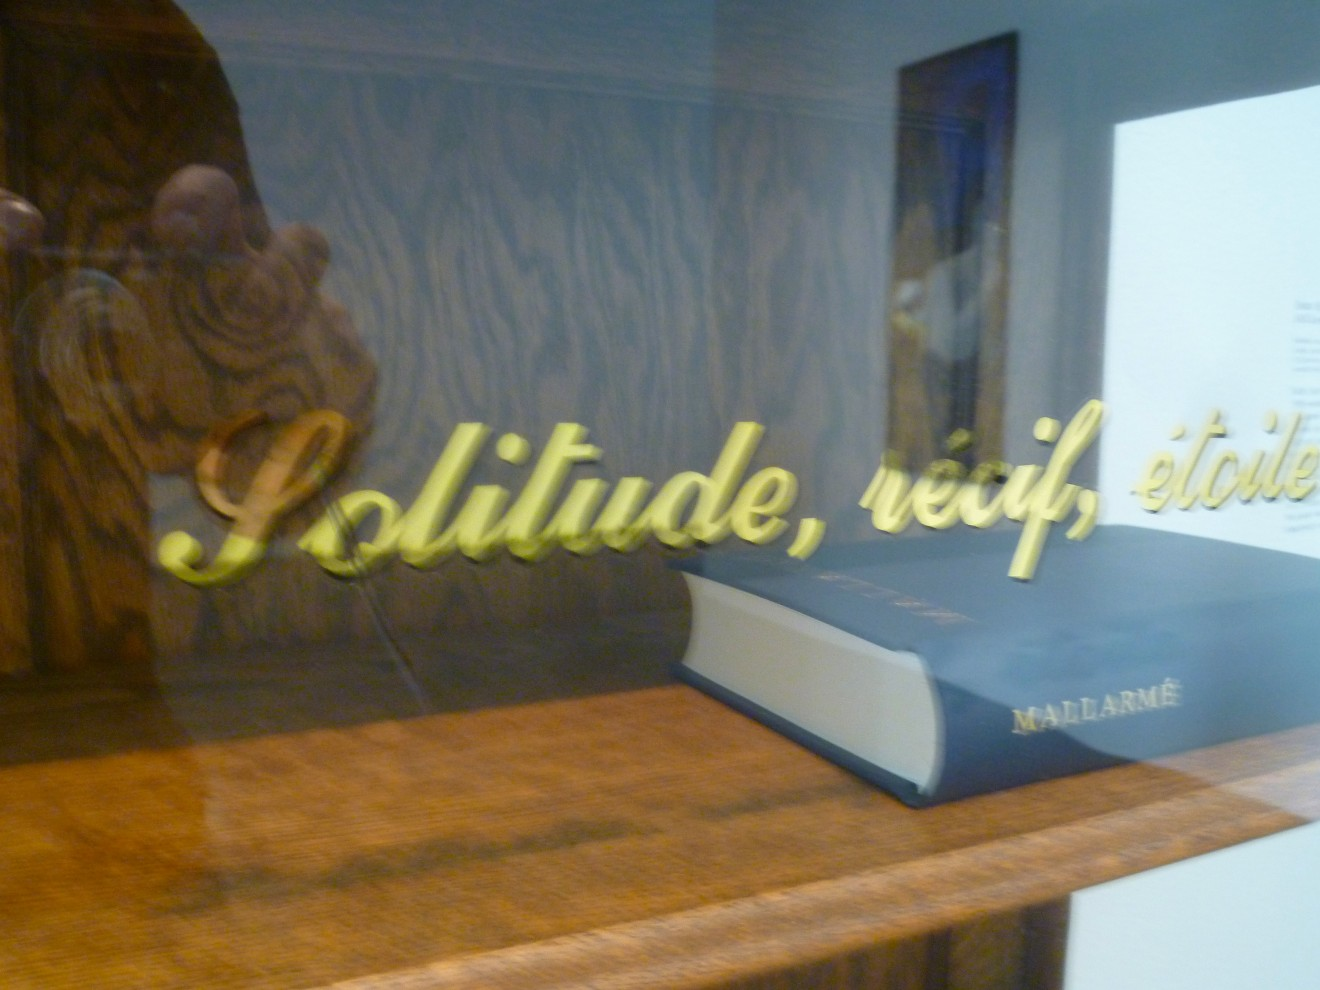 mallarme_solitude